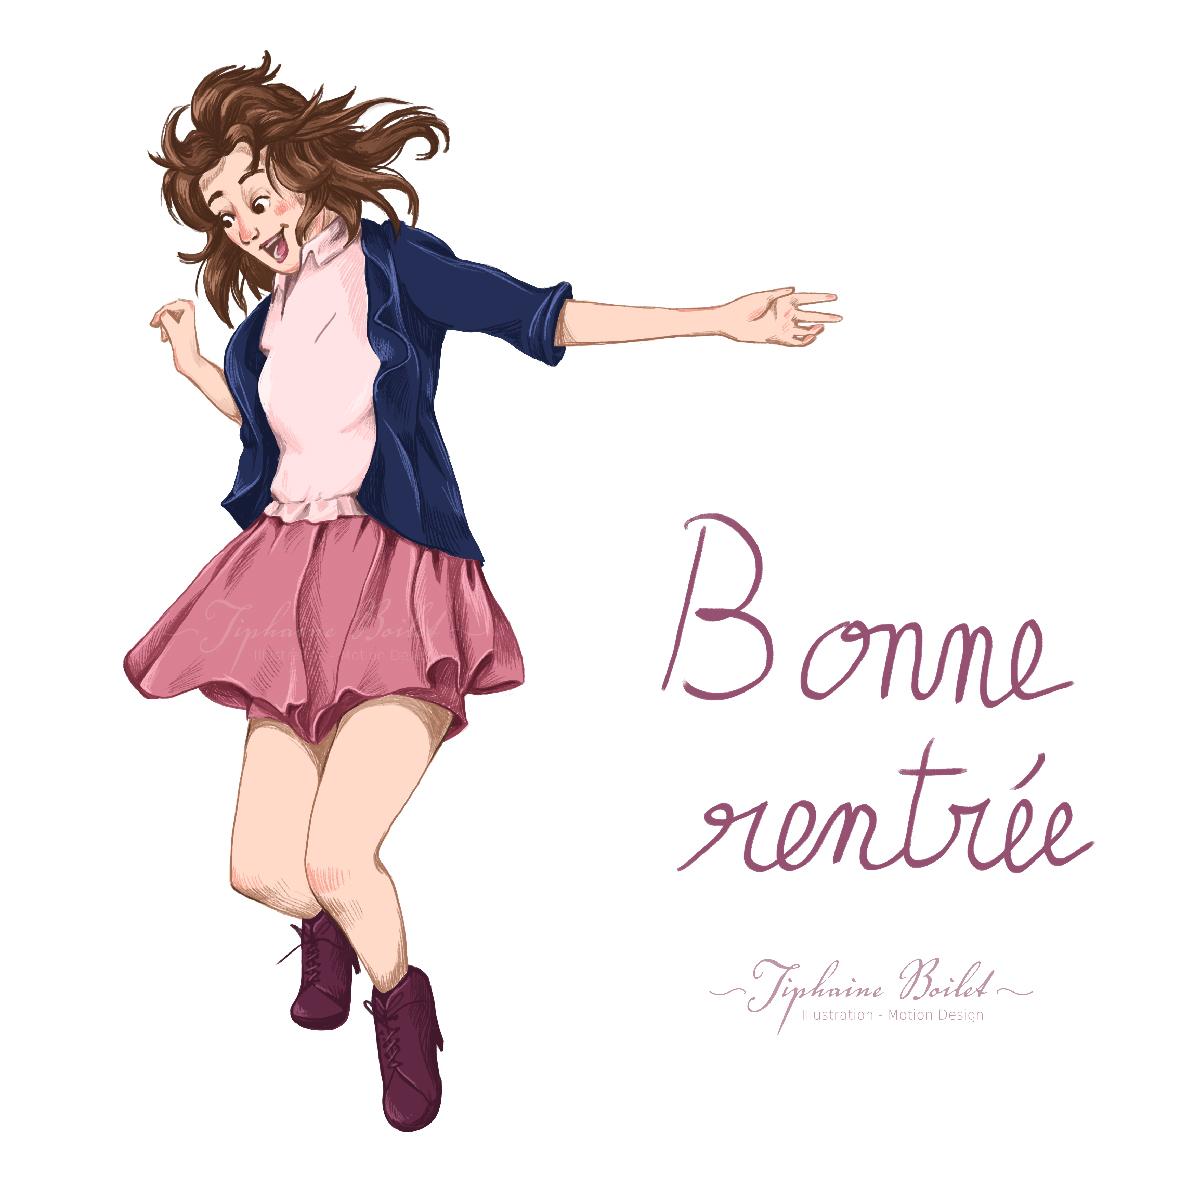 bonne rentrée 2021 Tiphaine Boilet illustrateur freelance Nantes